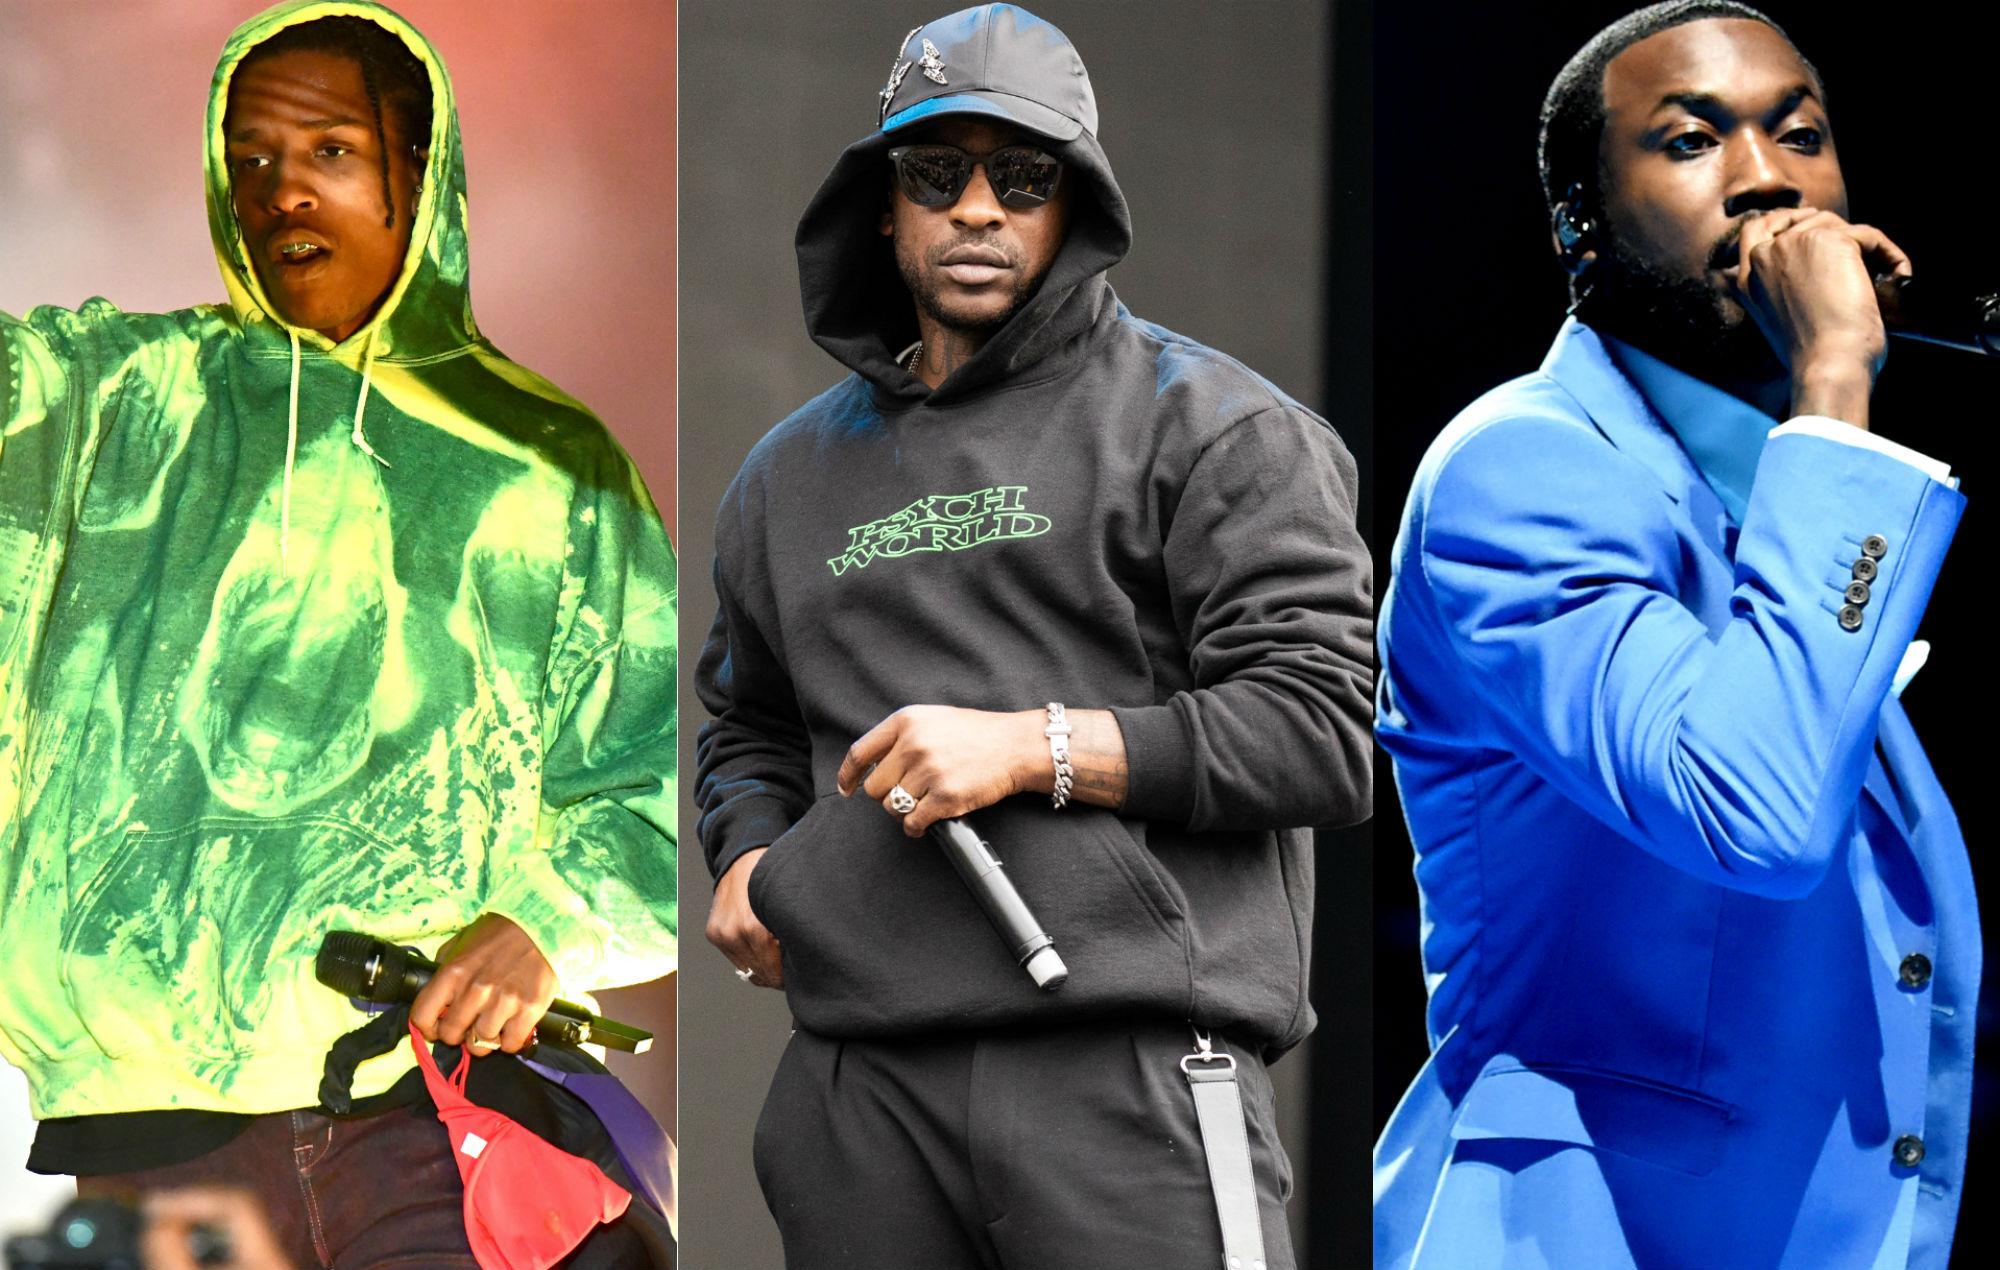 A$AP Rocky, Skepta and Meek Mill to headline Wireless Festival 2020